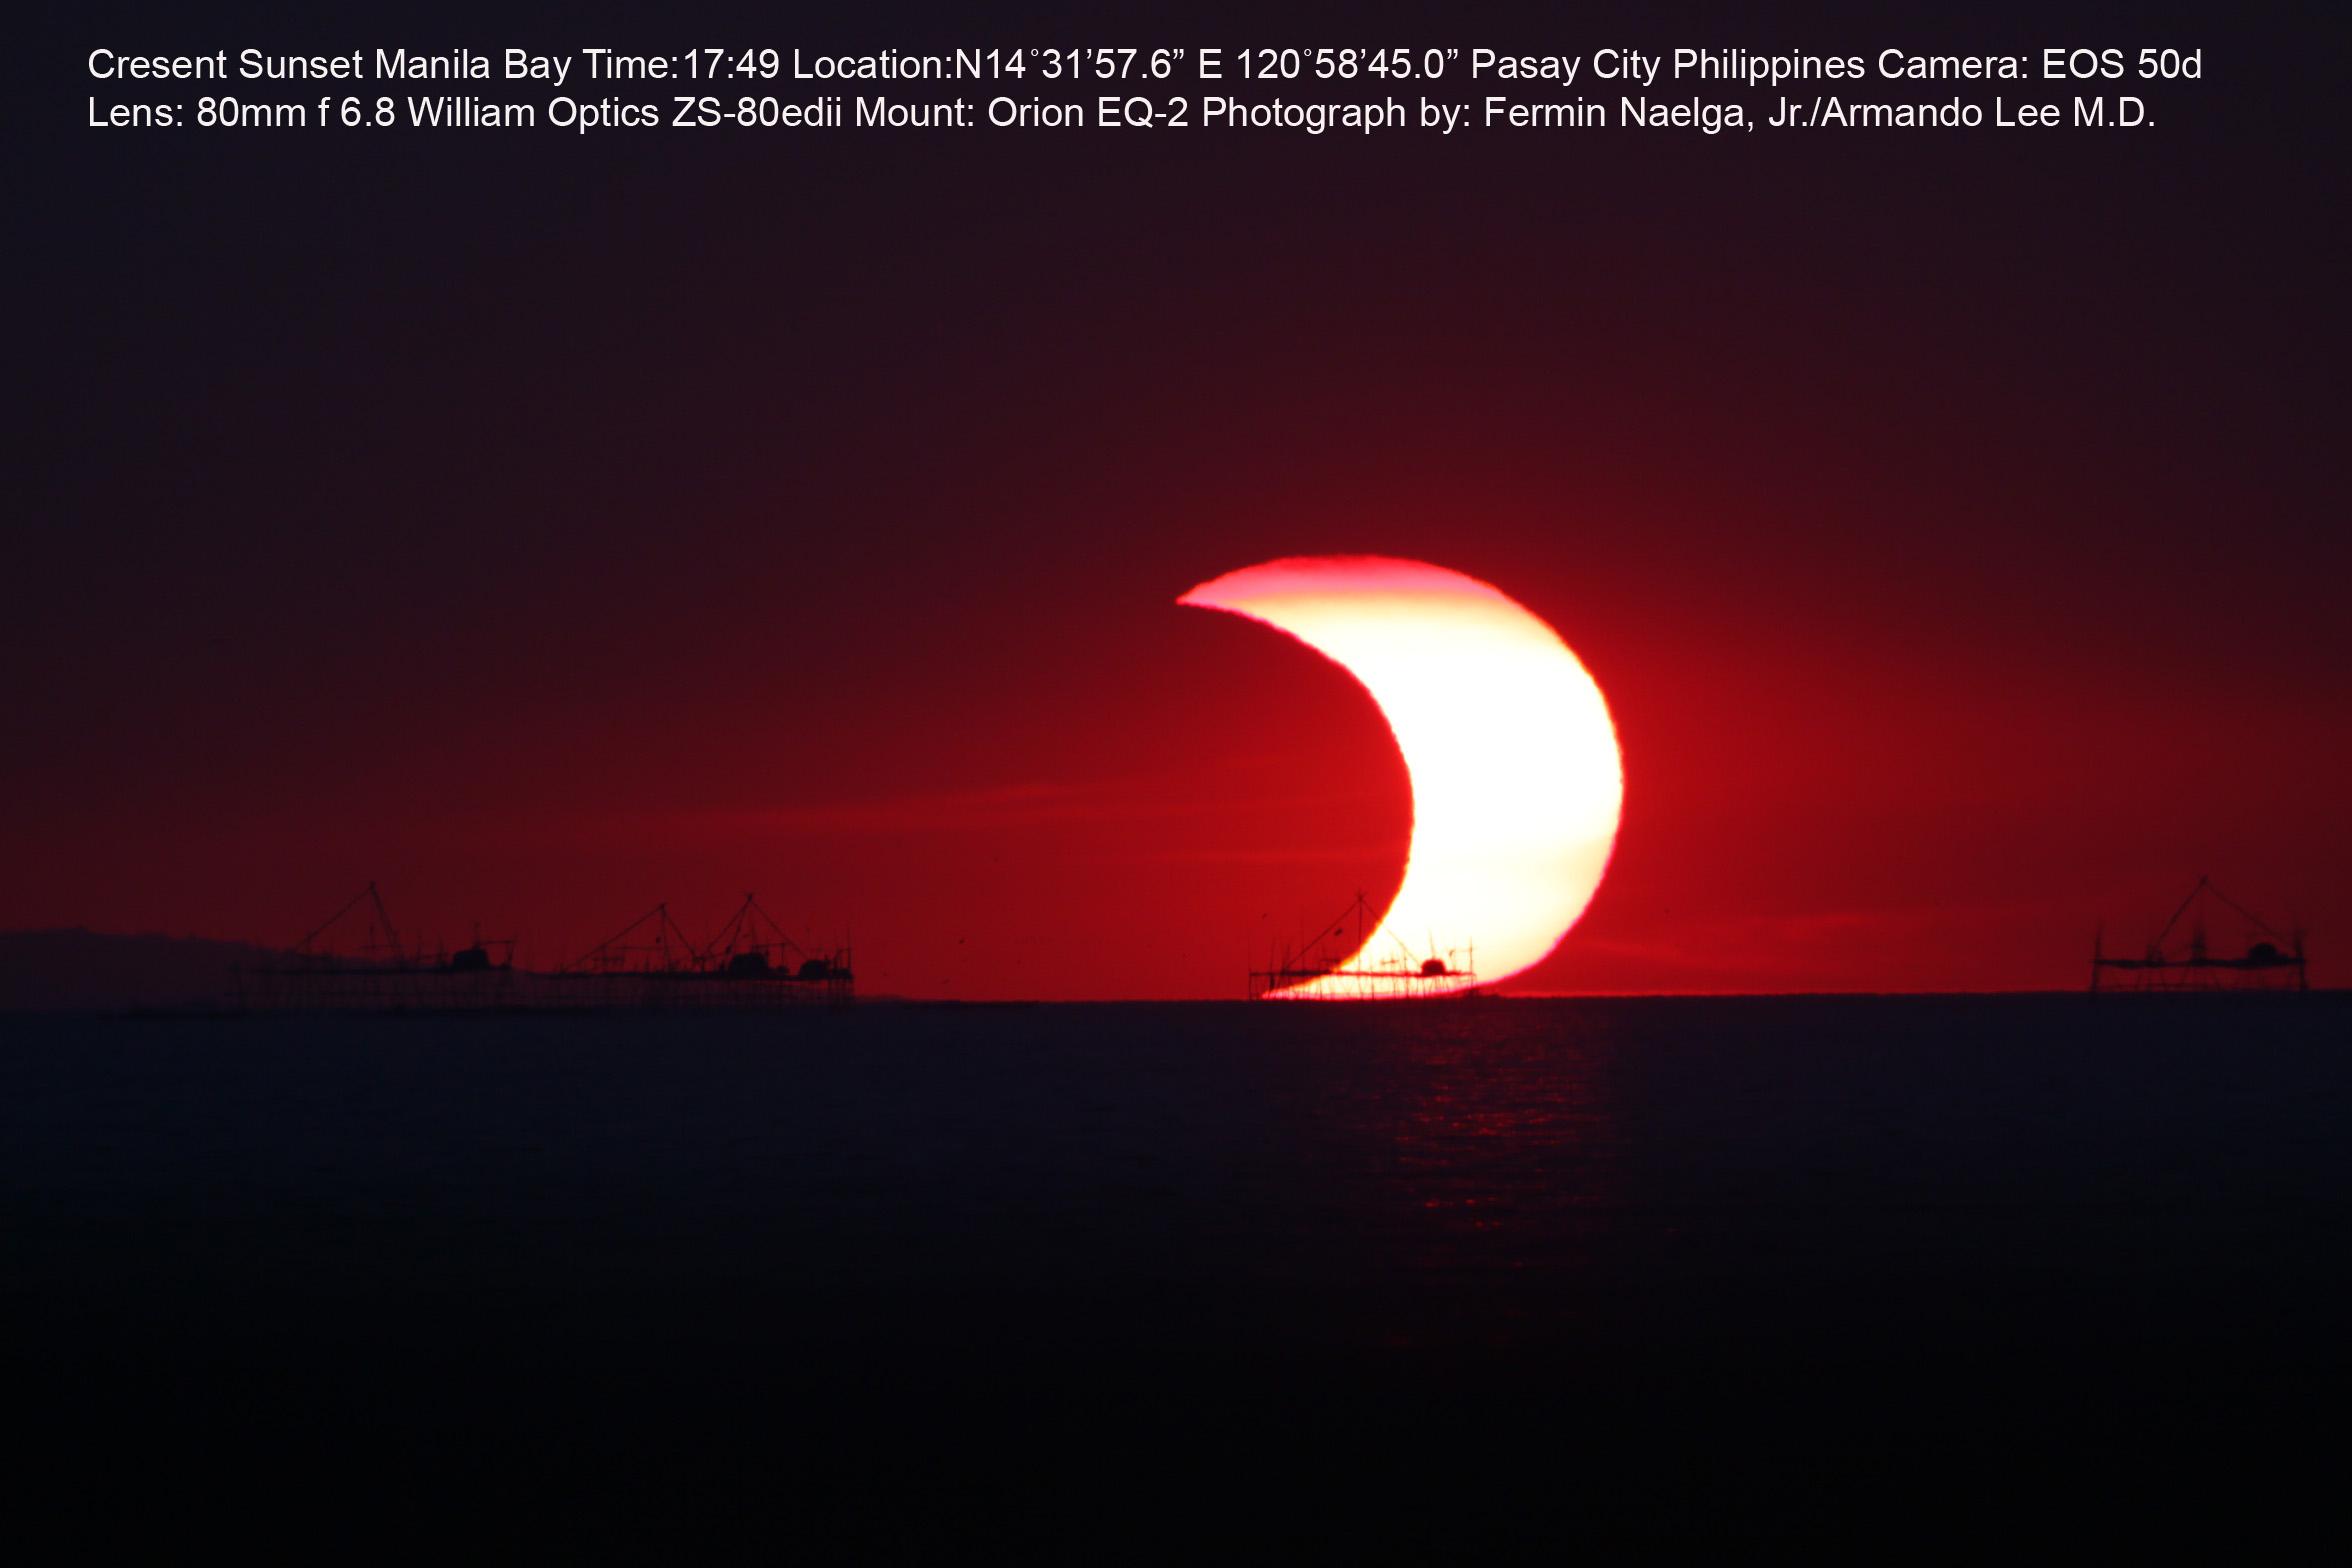 El Sofista Un eclipse parcial de Sol sobre la Baha de Manila